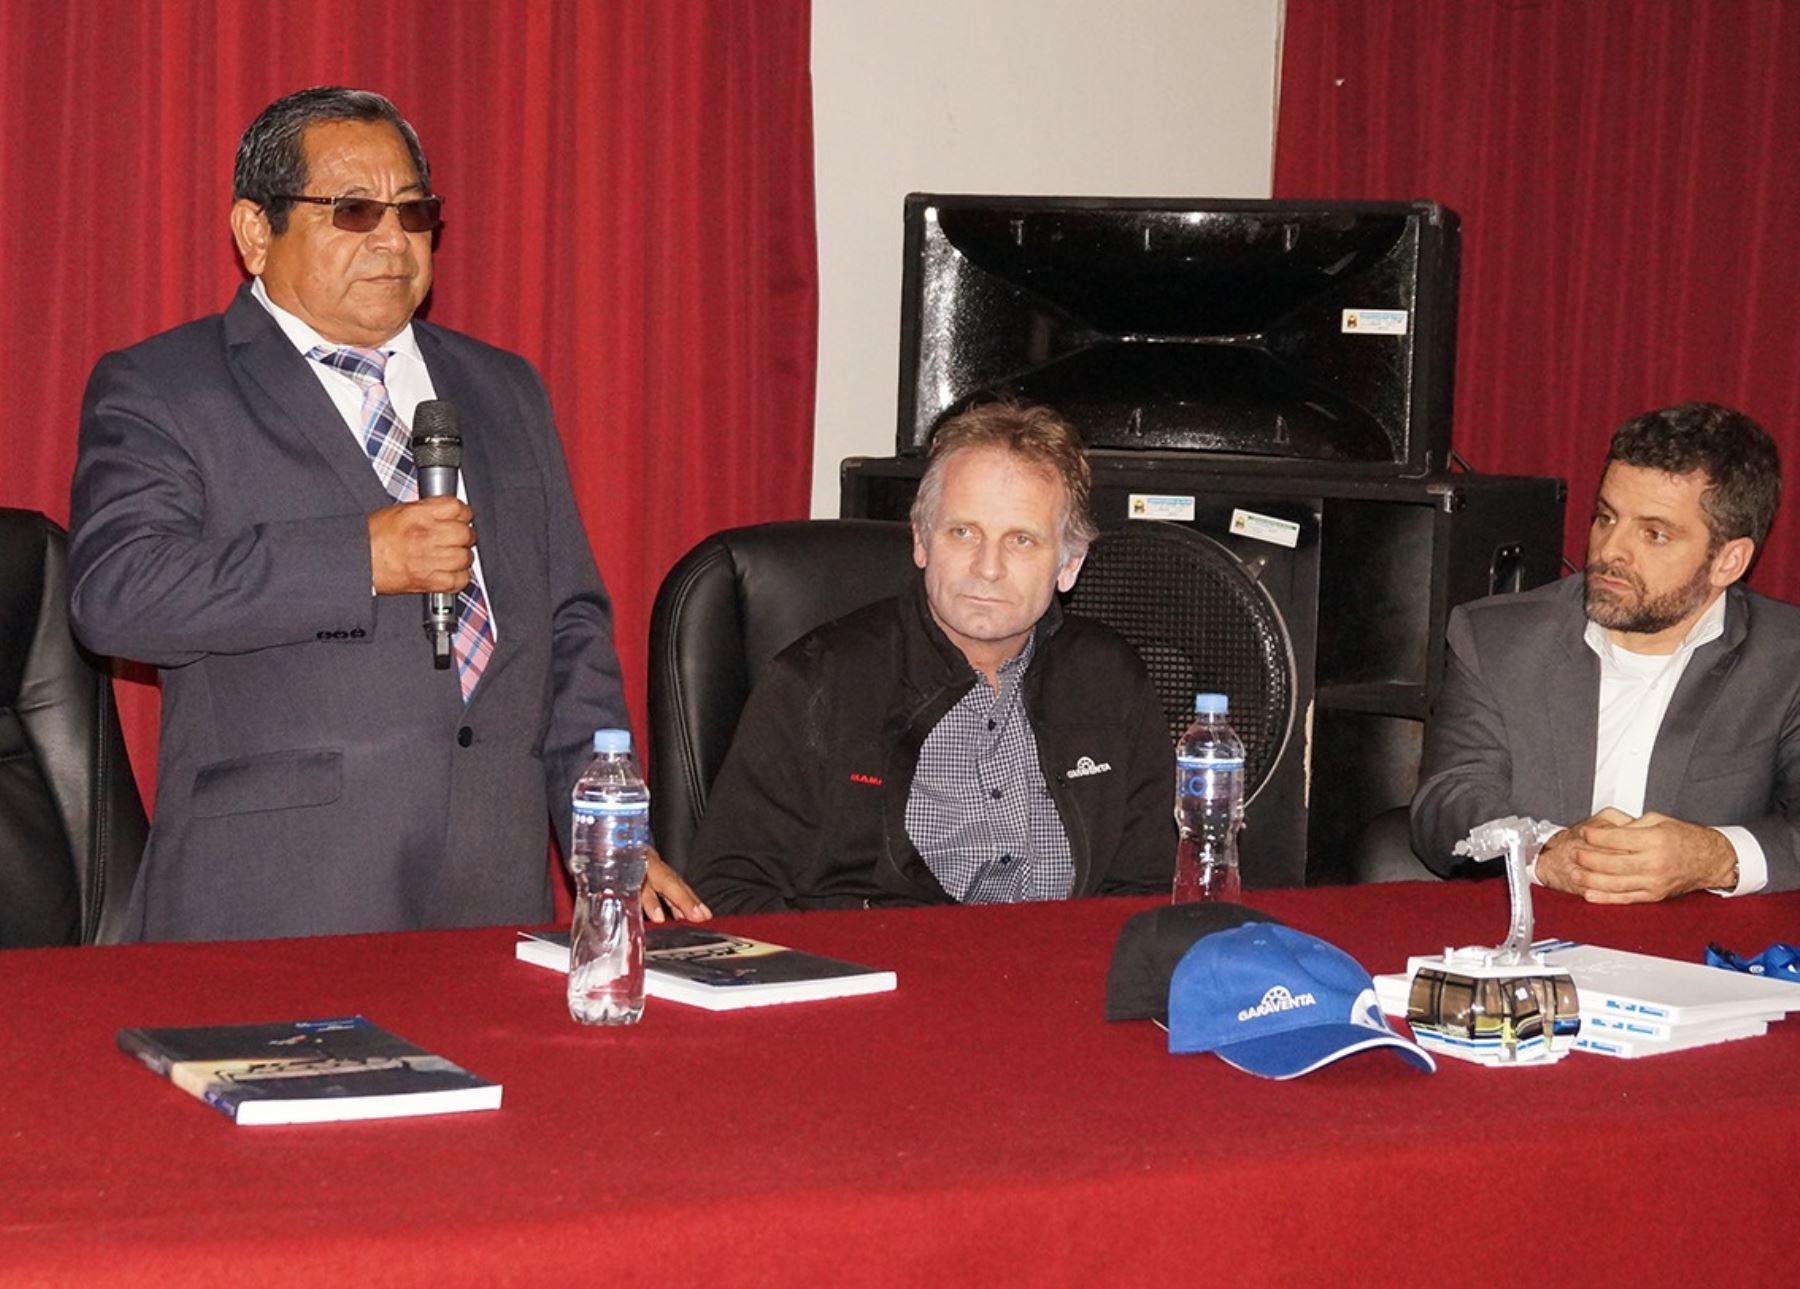 Gobernador regional de Áncash, Luis Gamarra, presentó junto a inversionistas privados proyecto para construir teleférico en el Callejón de Huaylas. ANDINA